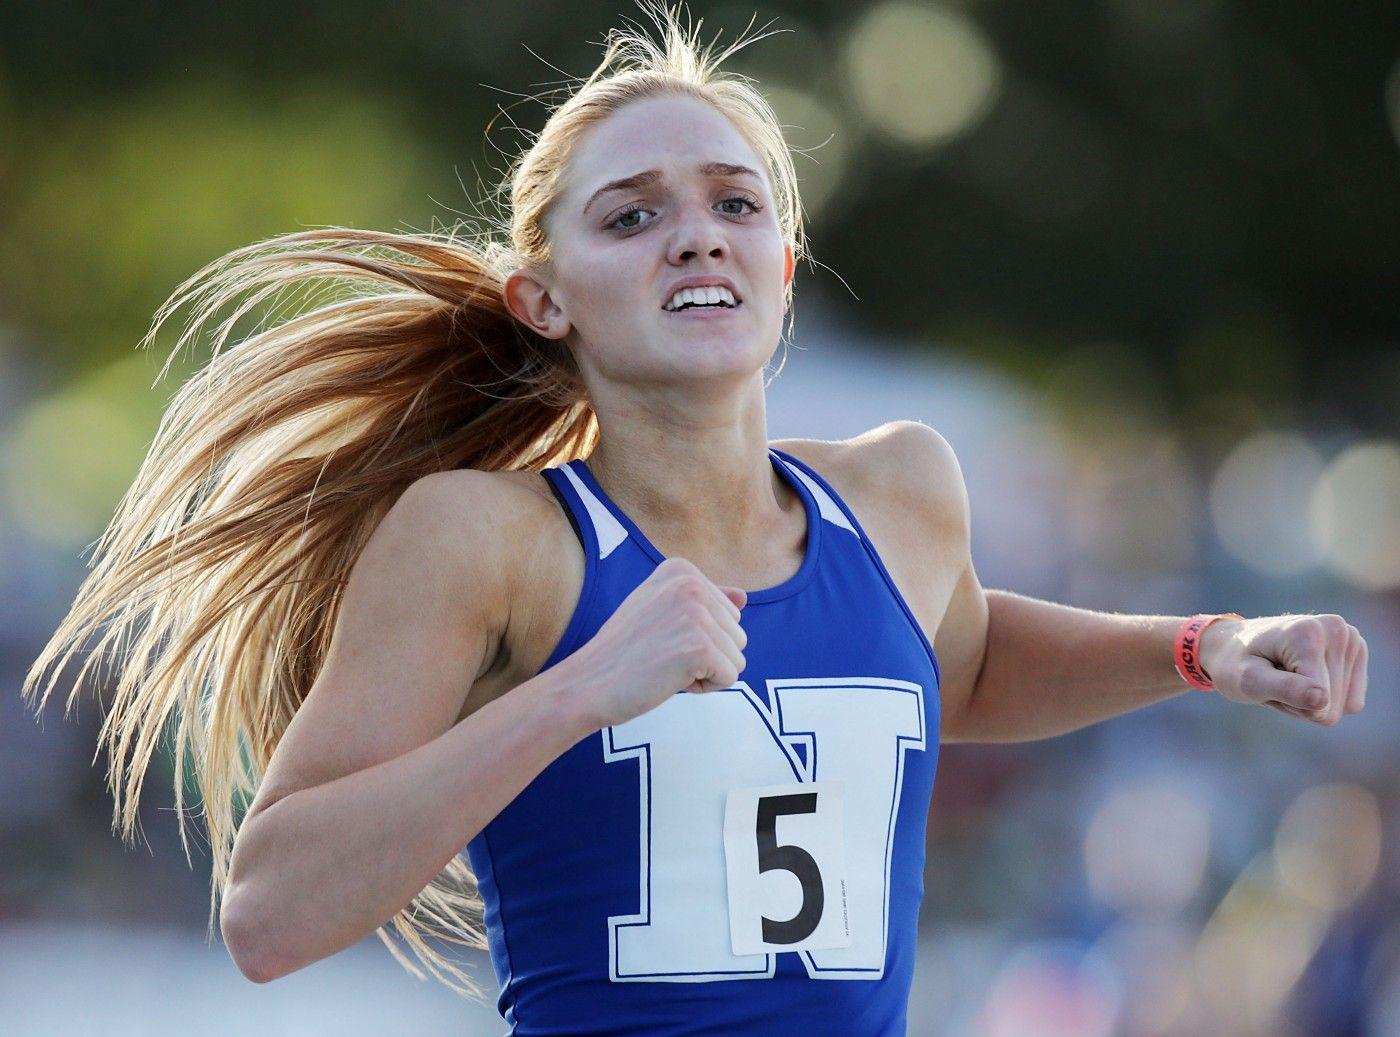 Female Varsity Athlete